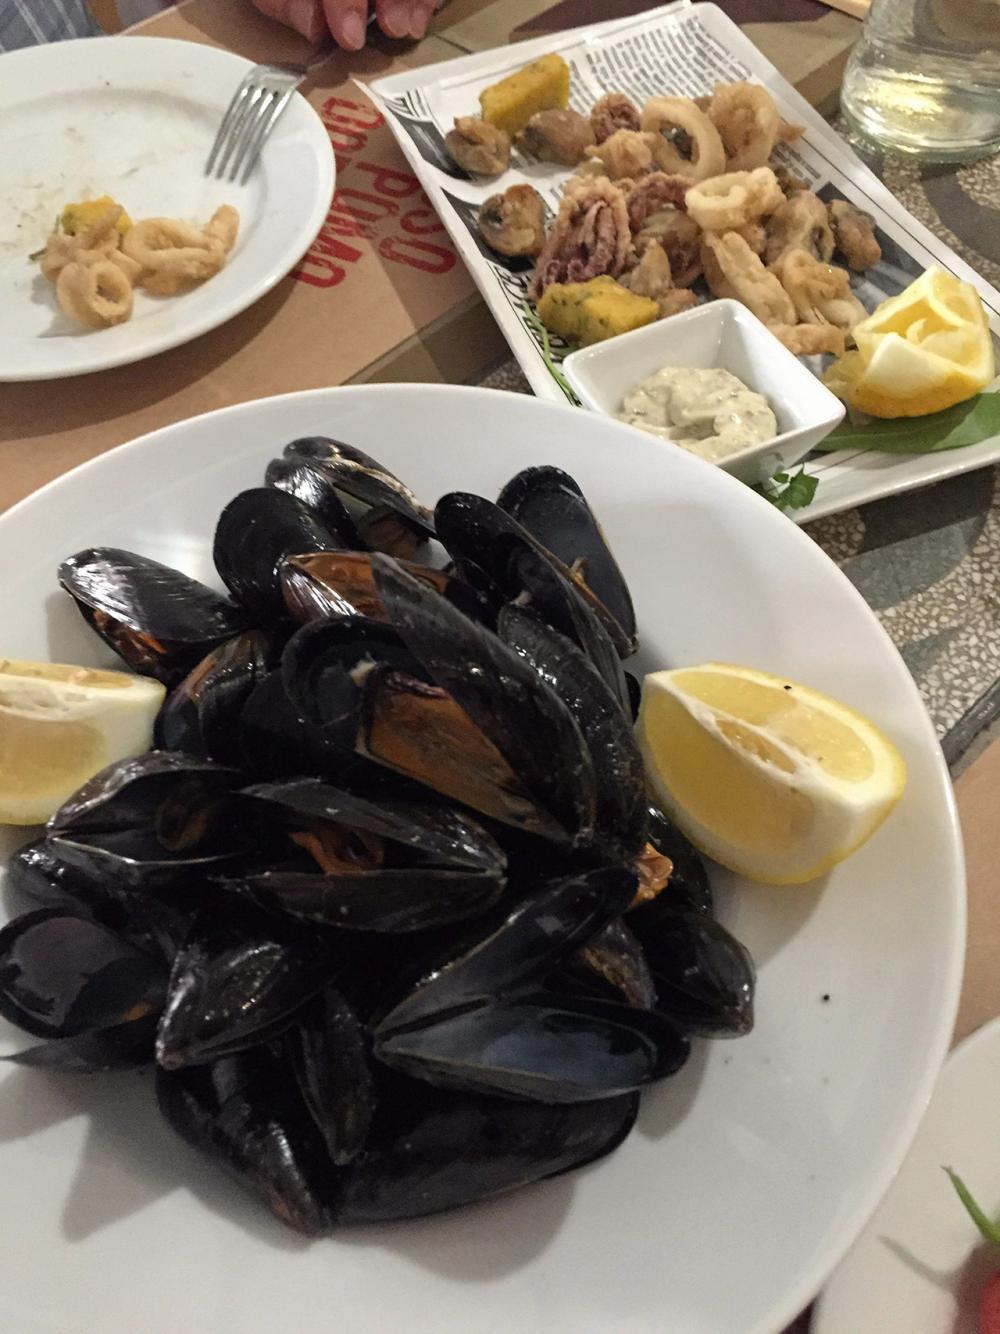 Black Mussel อาหารขึ้นชื่อของอิตาลีที่ห้ามพลาด.